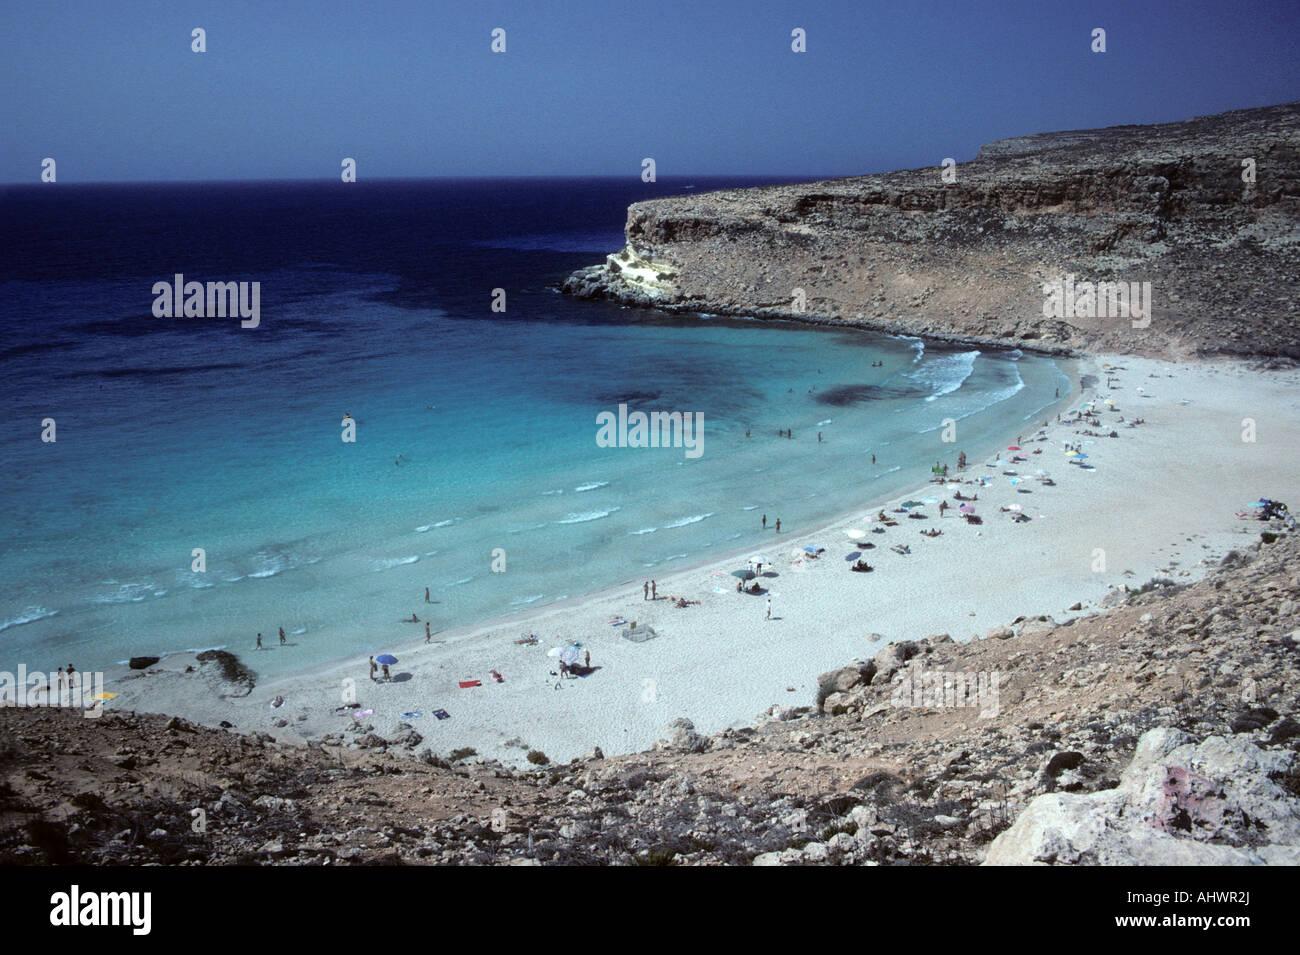 Watch Spiaggia dei Conigli, Lampedusa, Sicily video